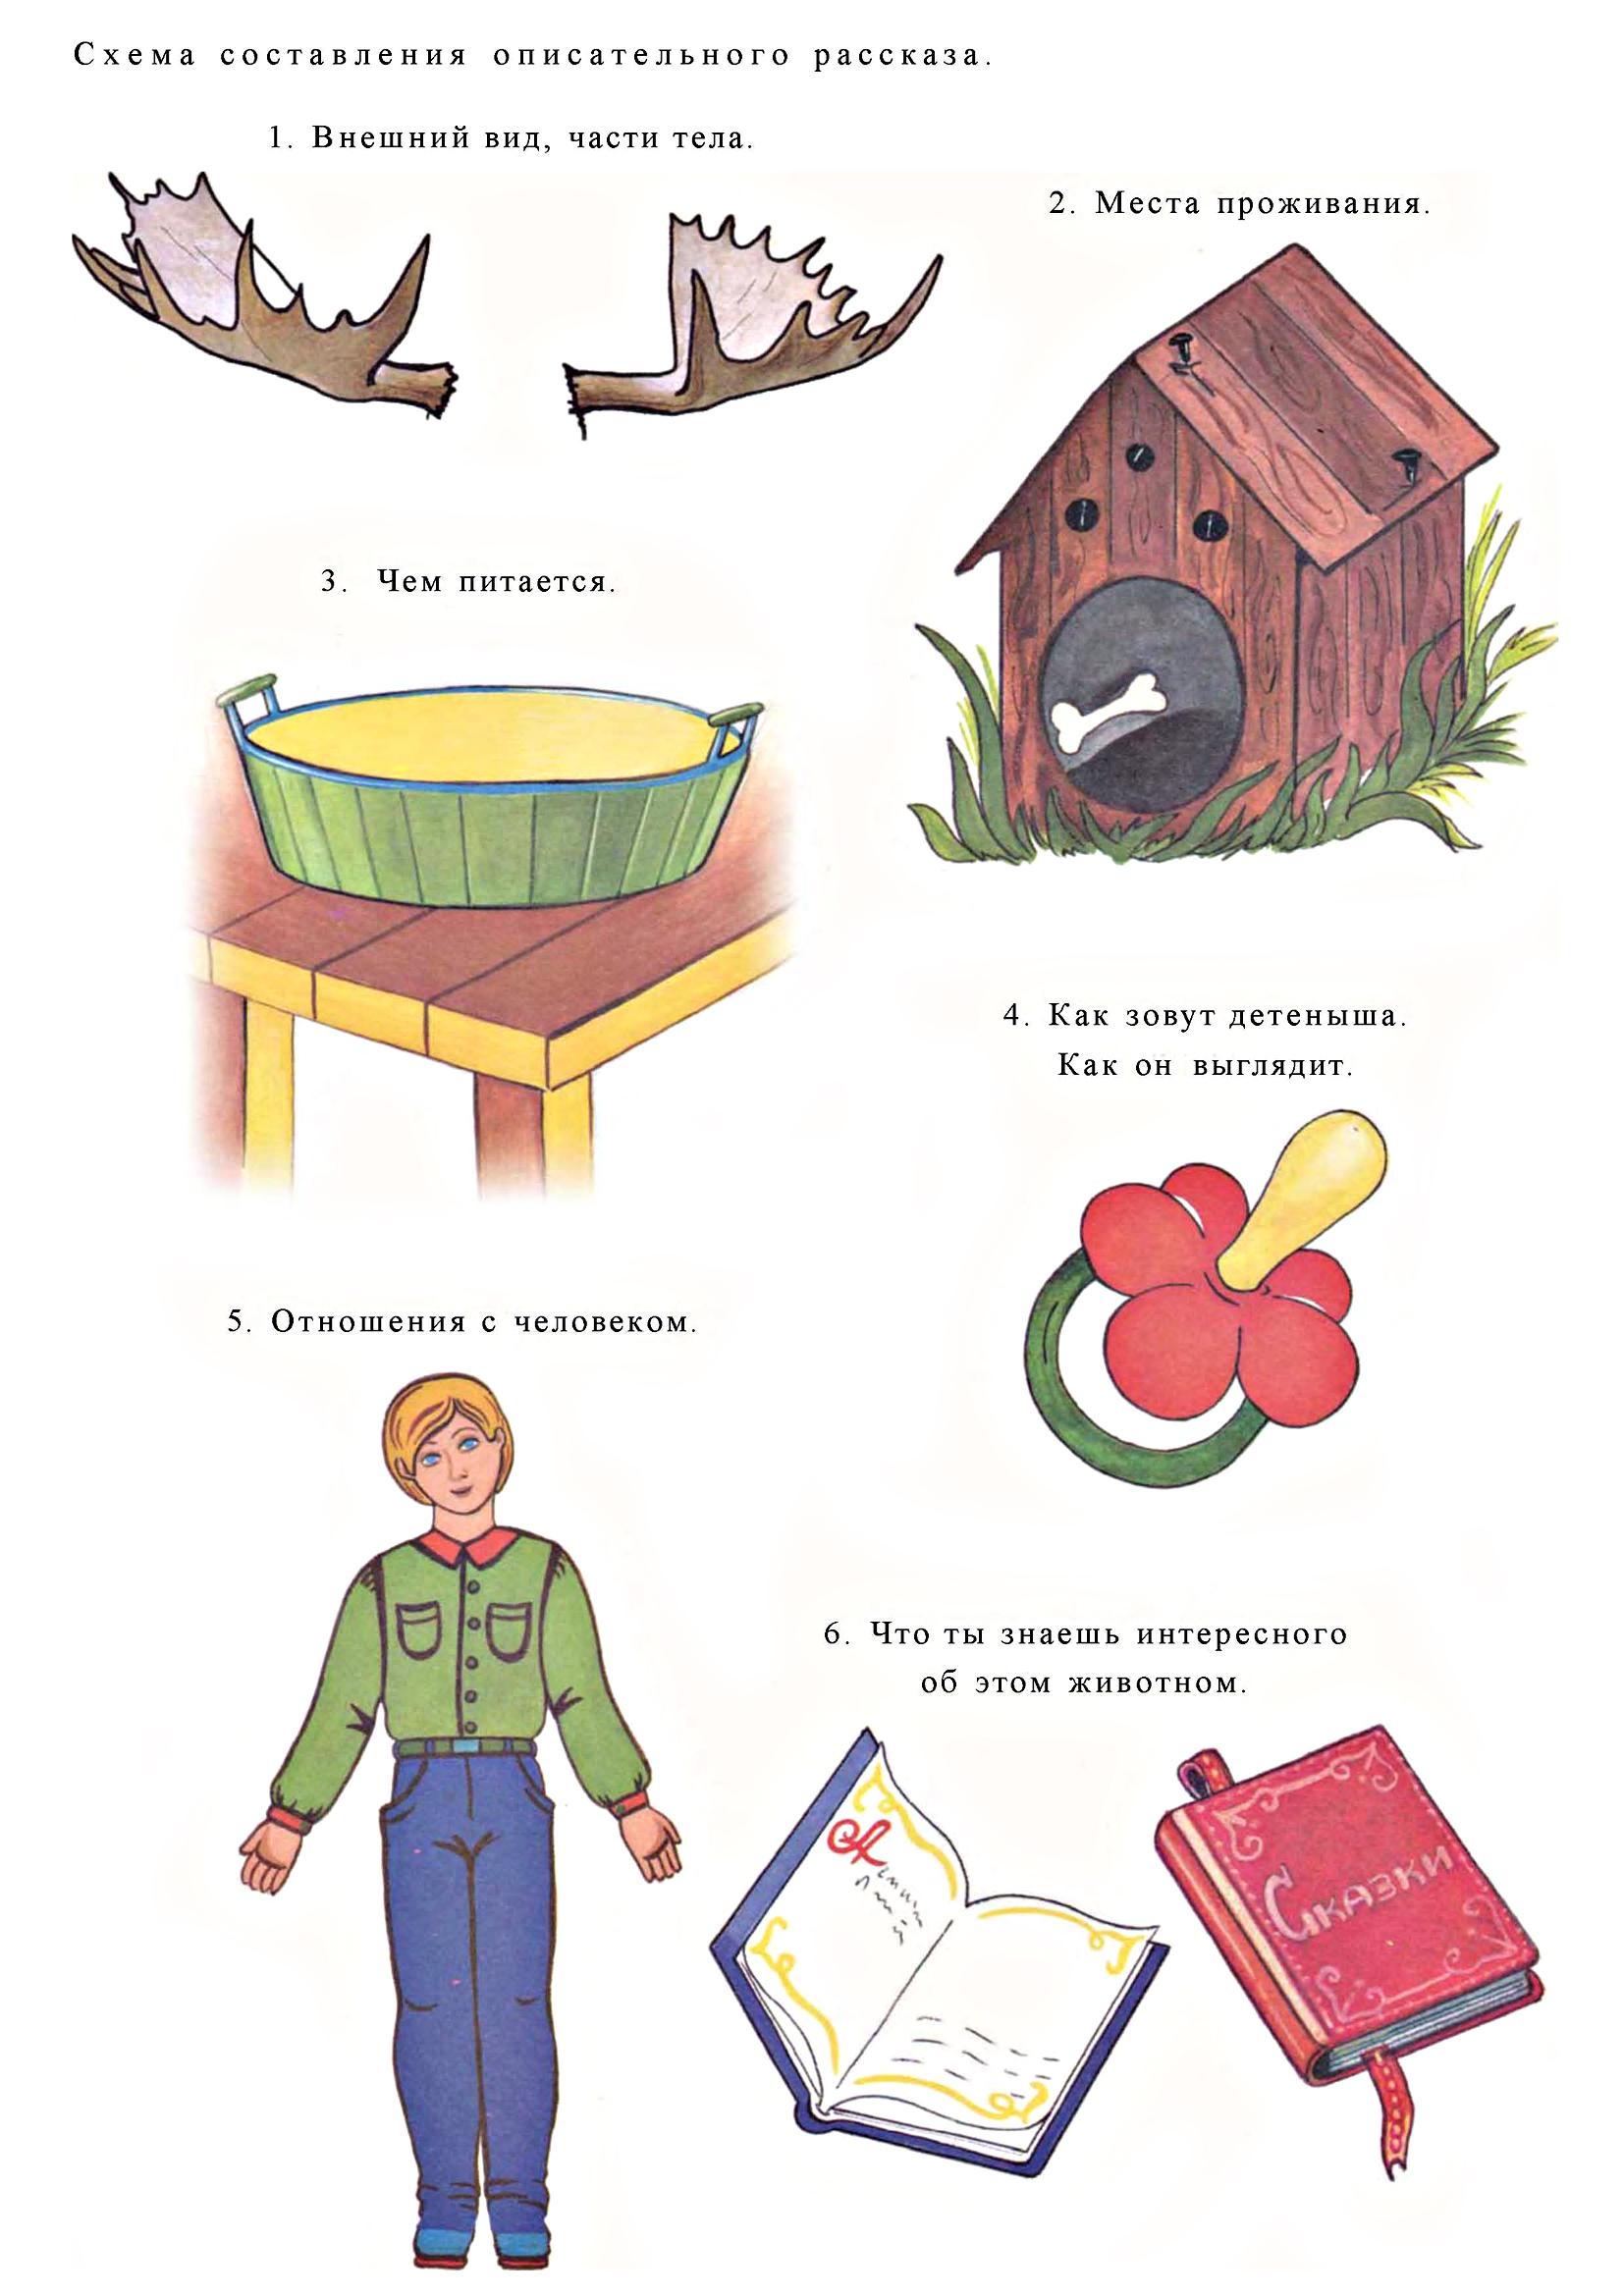 Как сделать игрушечную лодку своими руками фото 342